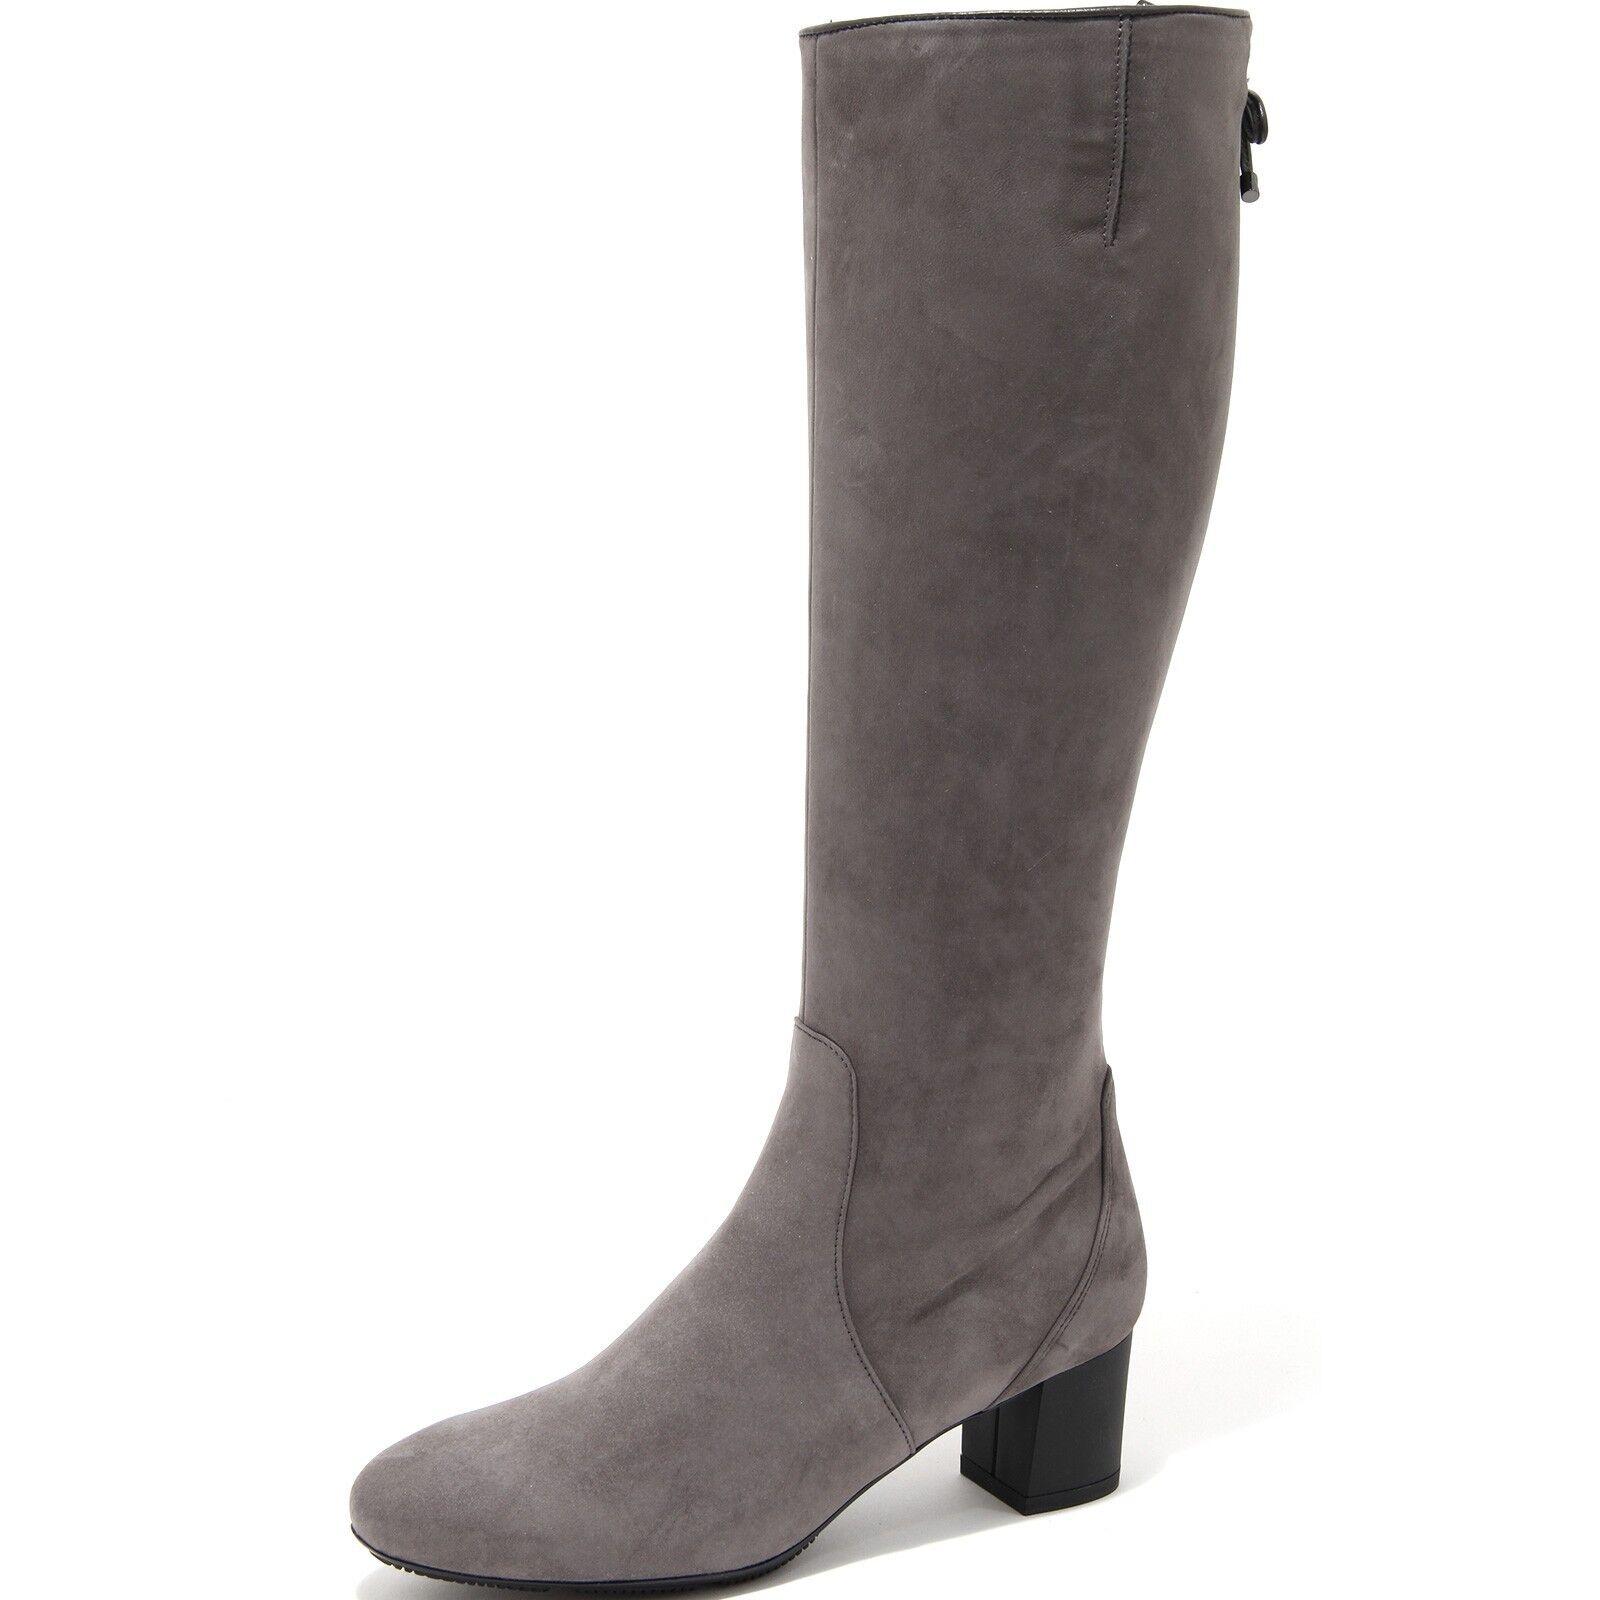 82535 Stivale Hogan h216 Charms Scarpa Scarpa Scarpa mujer botas zapatos mujer  barato en línea